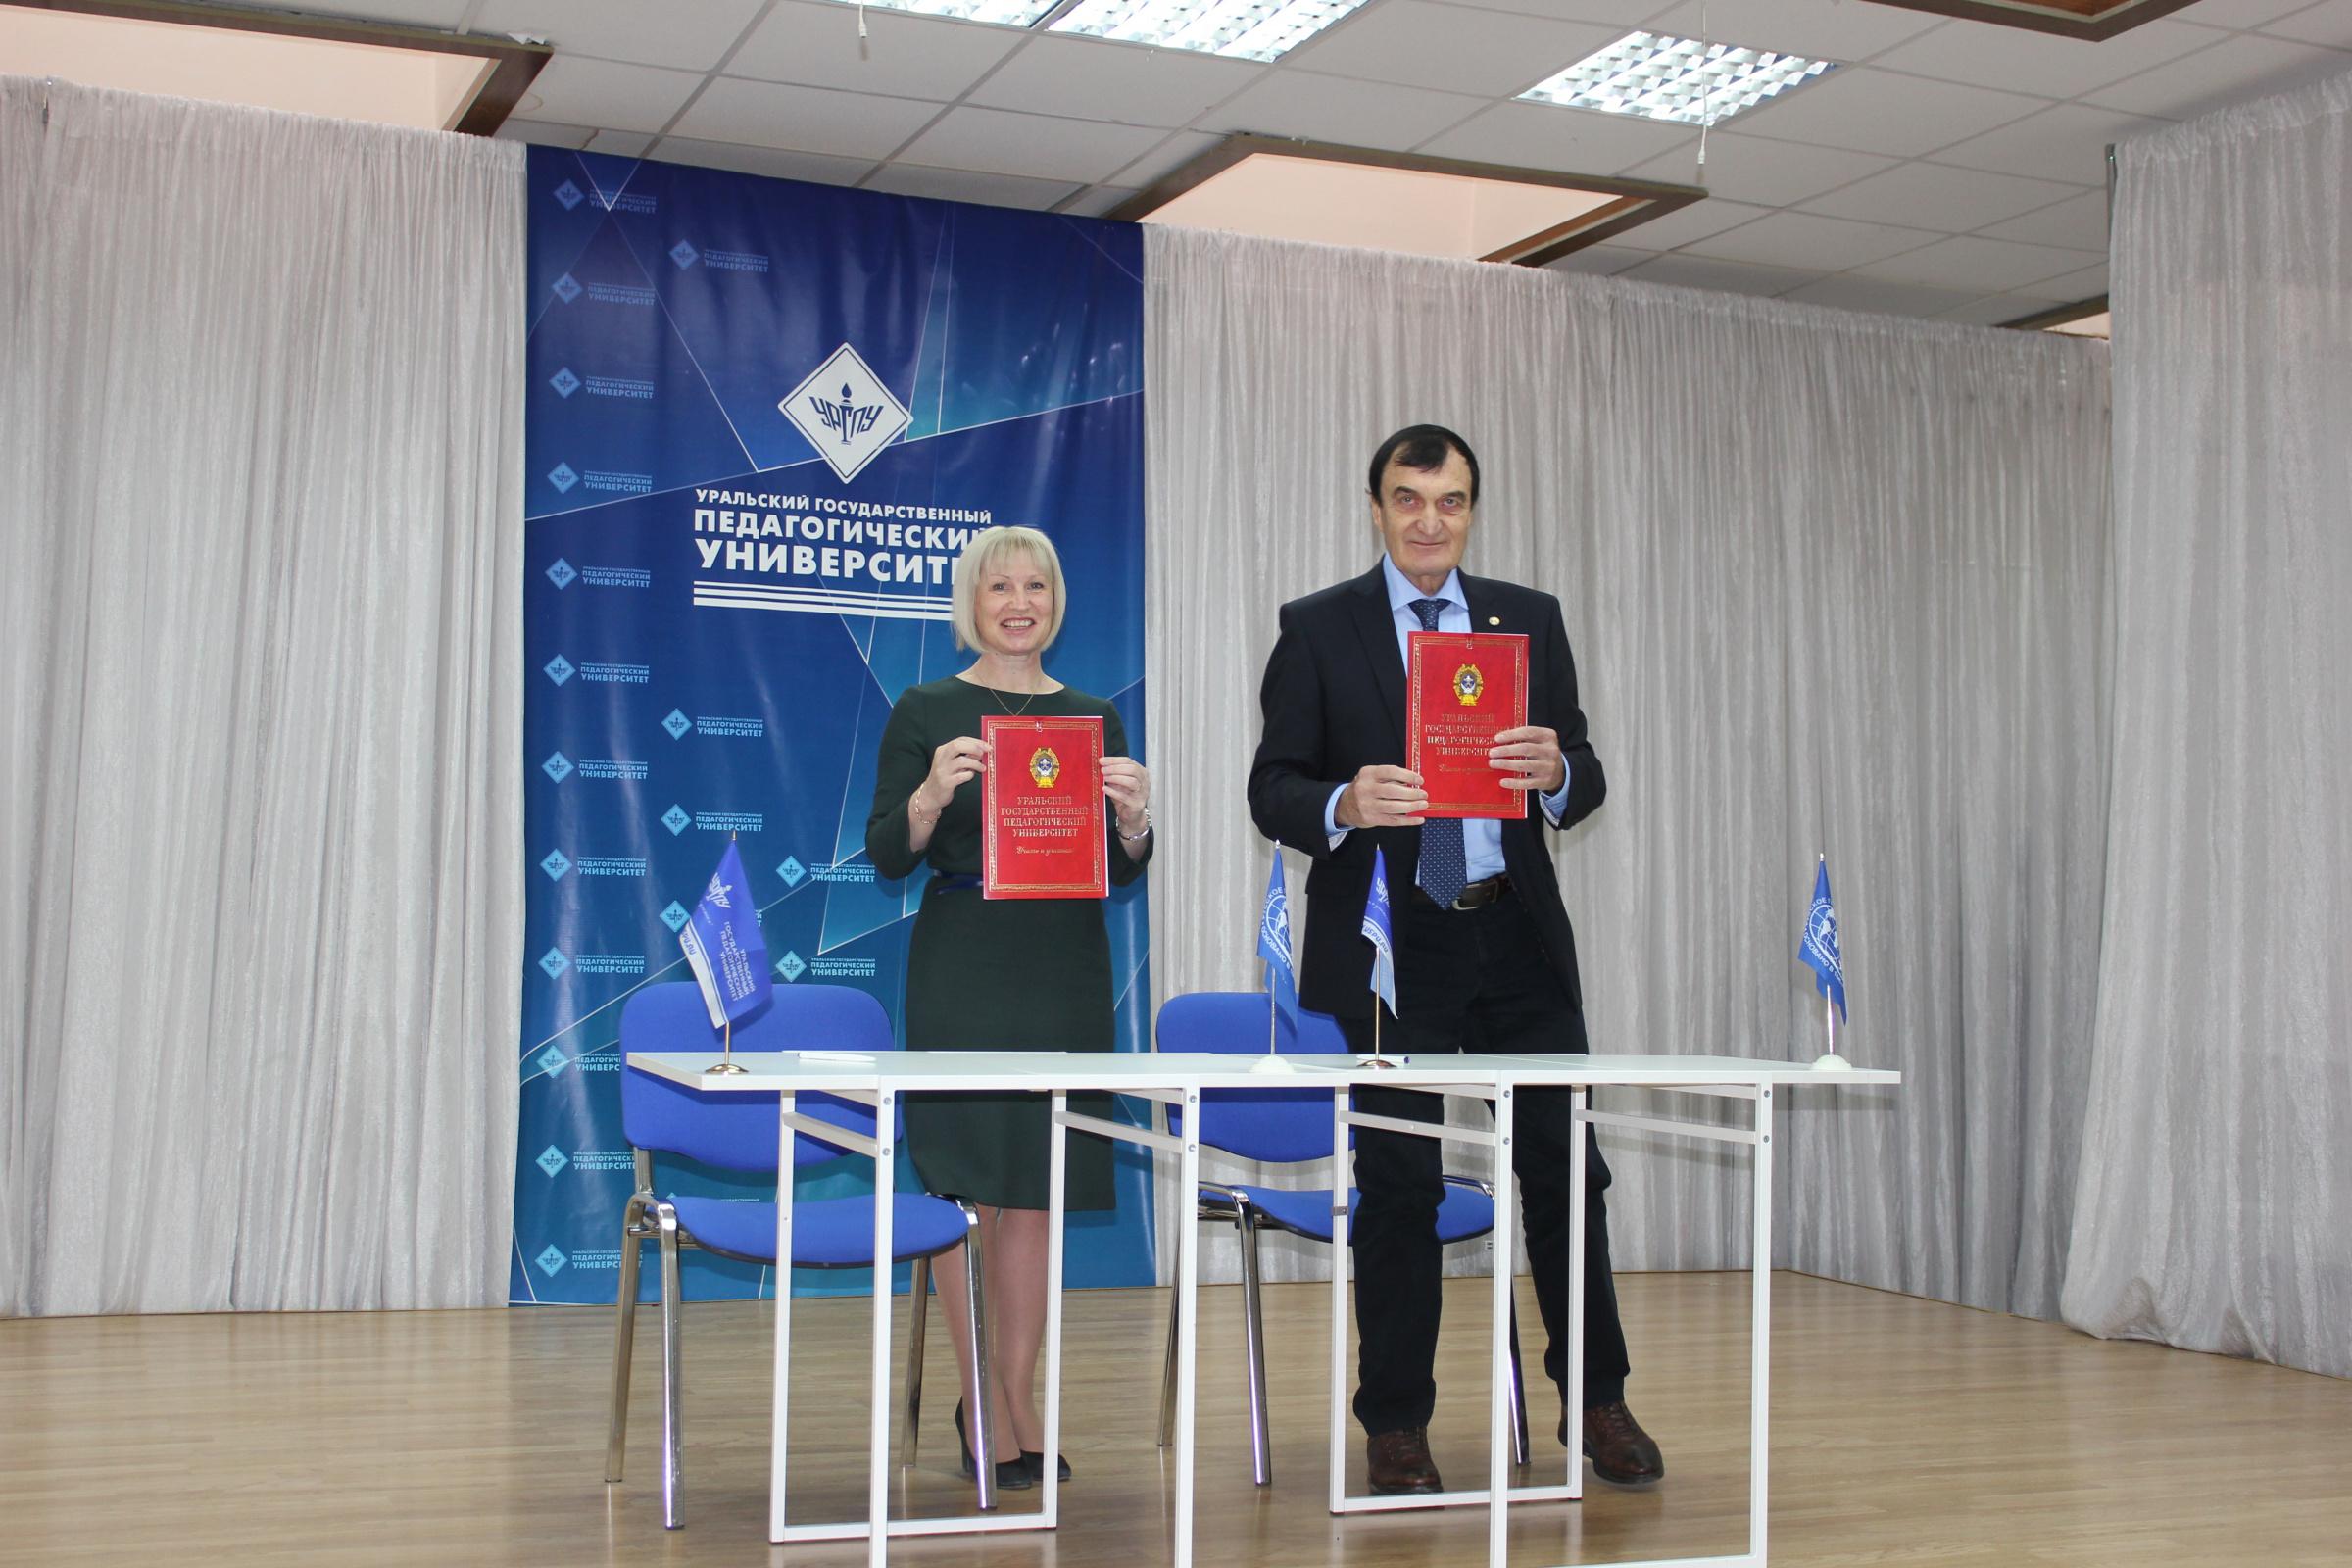 Председатель Свердловского областного отделения РГО Светлана Минюрова и академик Александр Чибилев